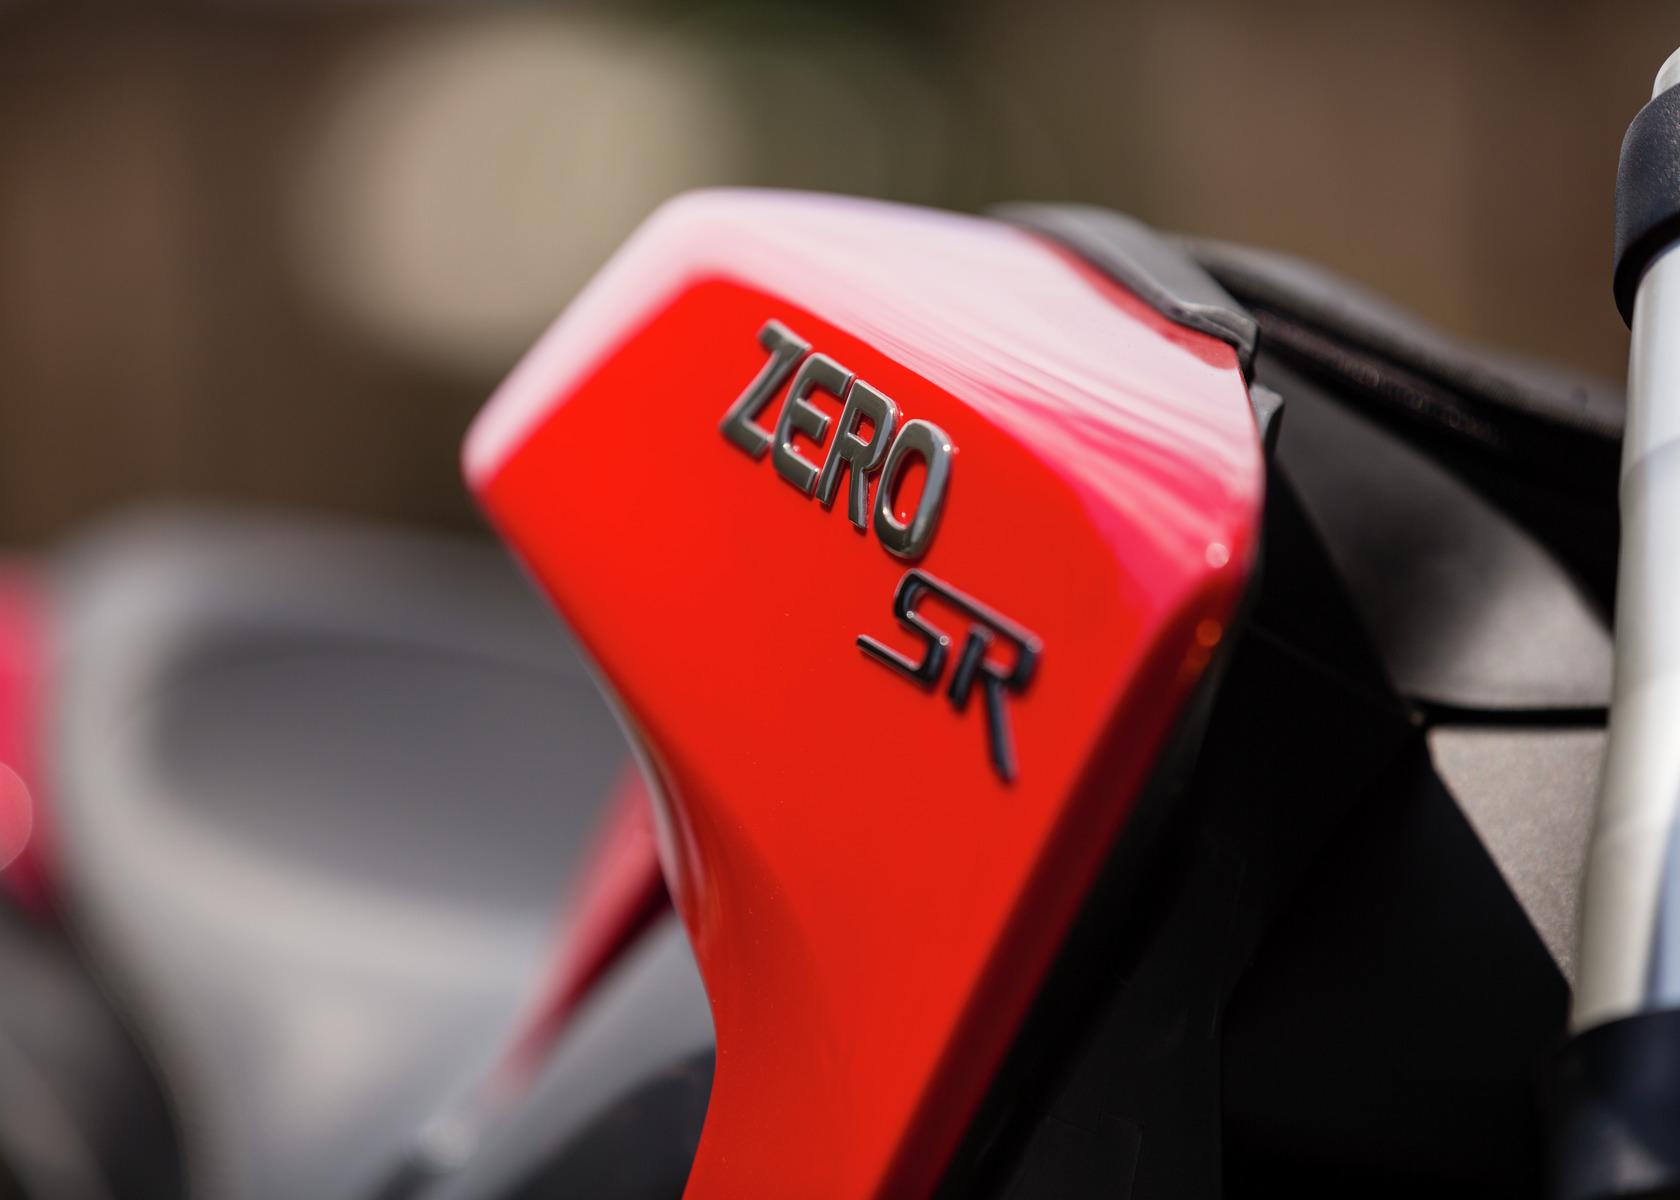 2016 Zero SR Electric Motorcycle: